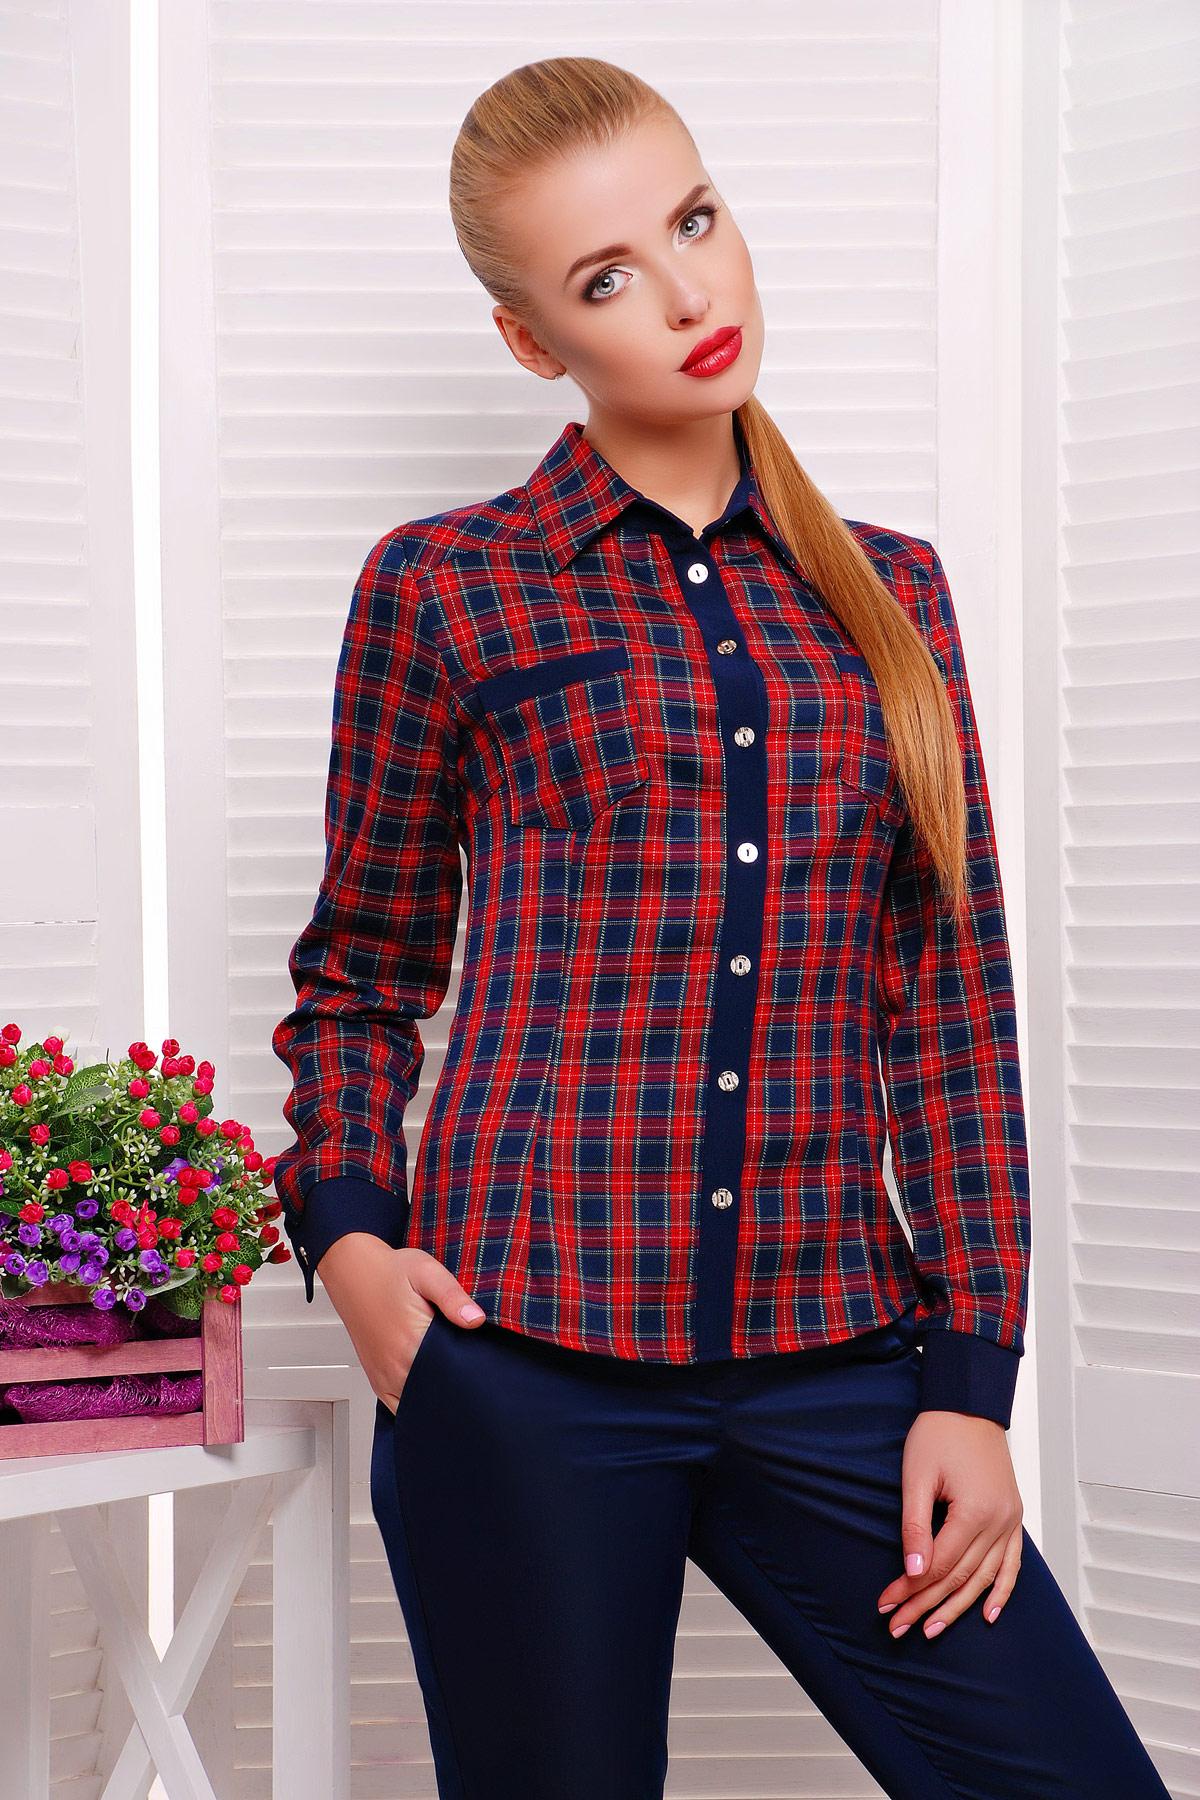 женская блузка в клетку. блуза Шотландка2 д/р. Цвет: красный-т.синий клетка